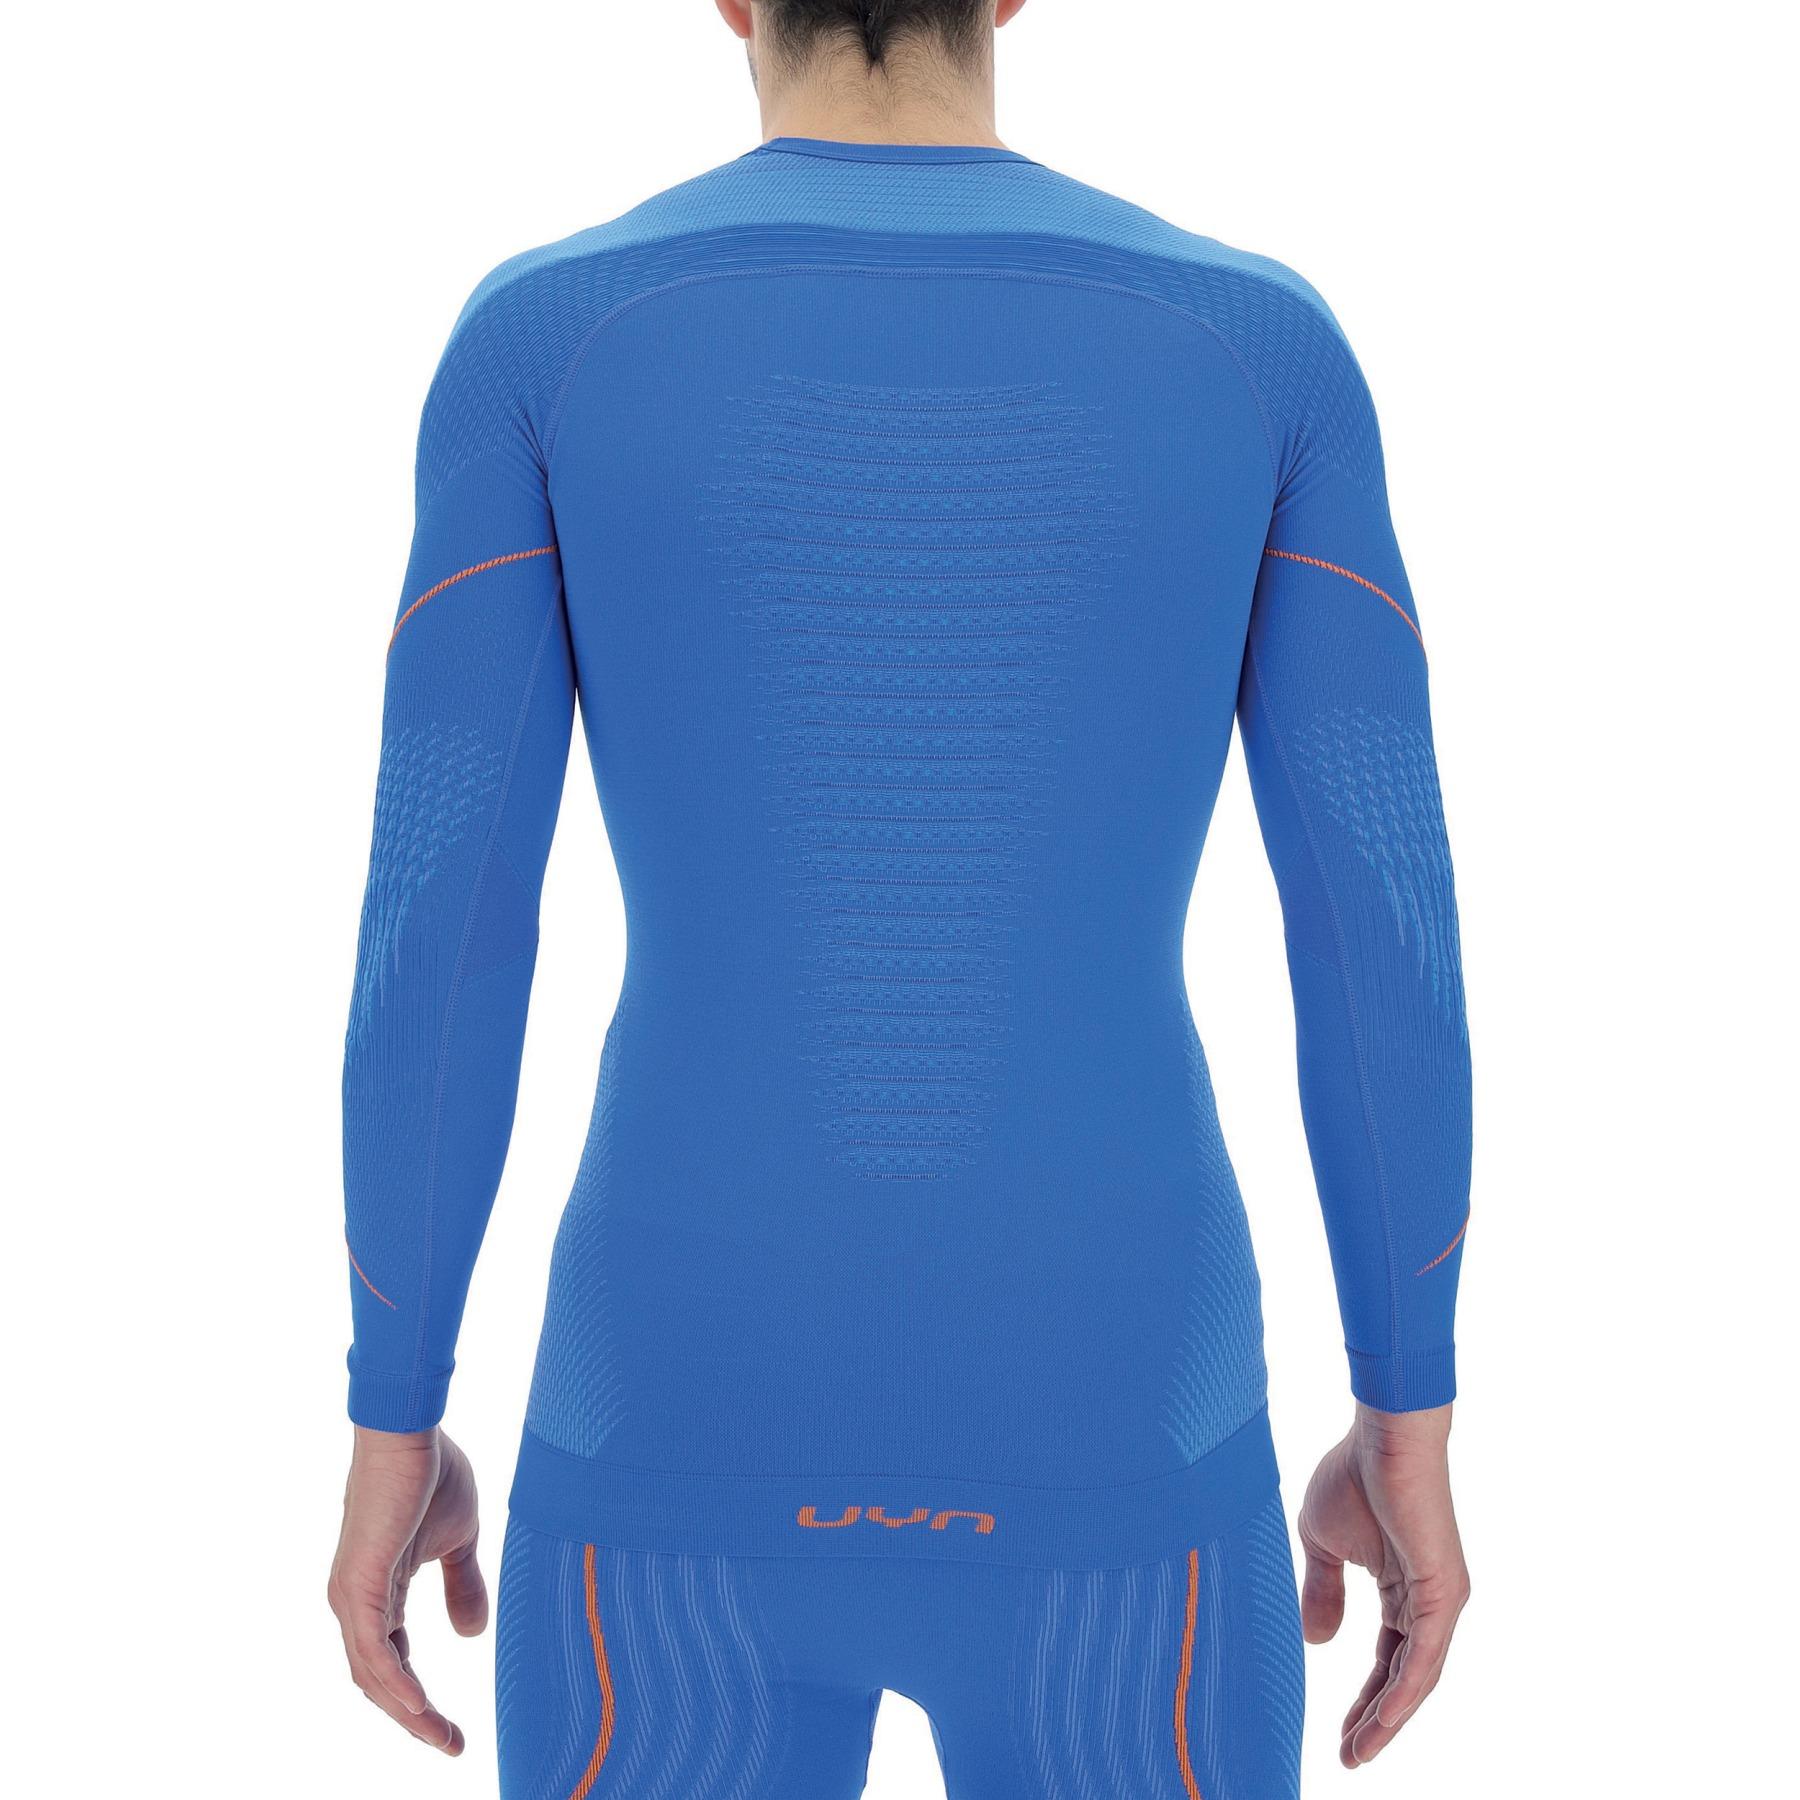 Image of UYN Evolutyon Longsleeve Shirt - Lapis Blue/Blue/Orange Shiny